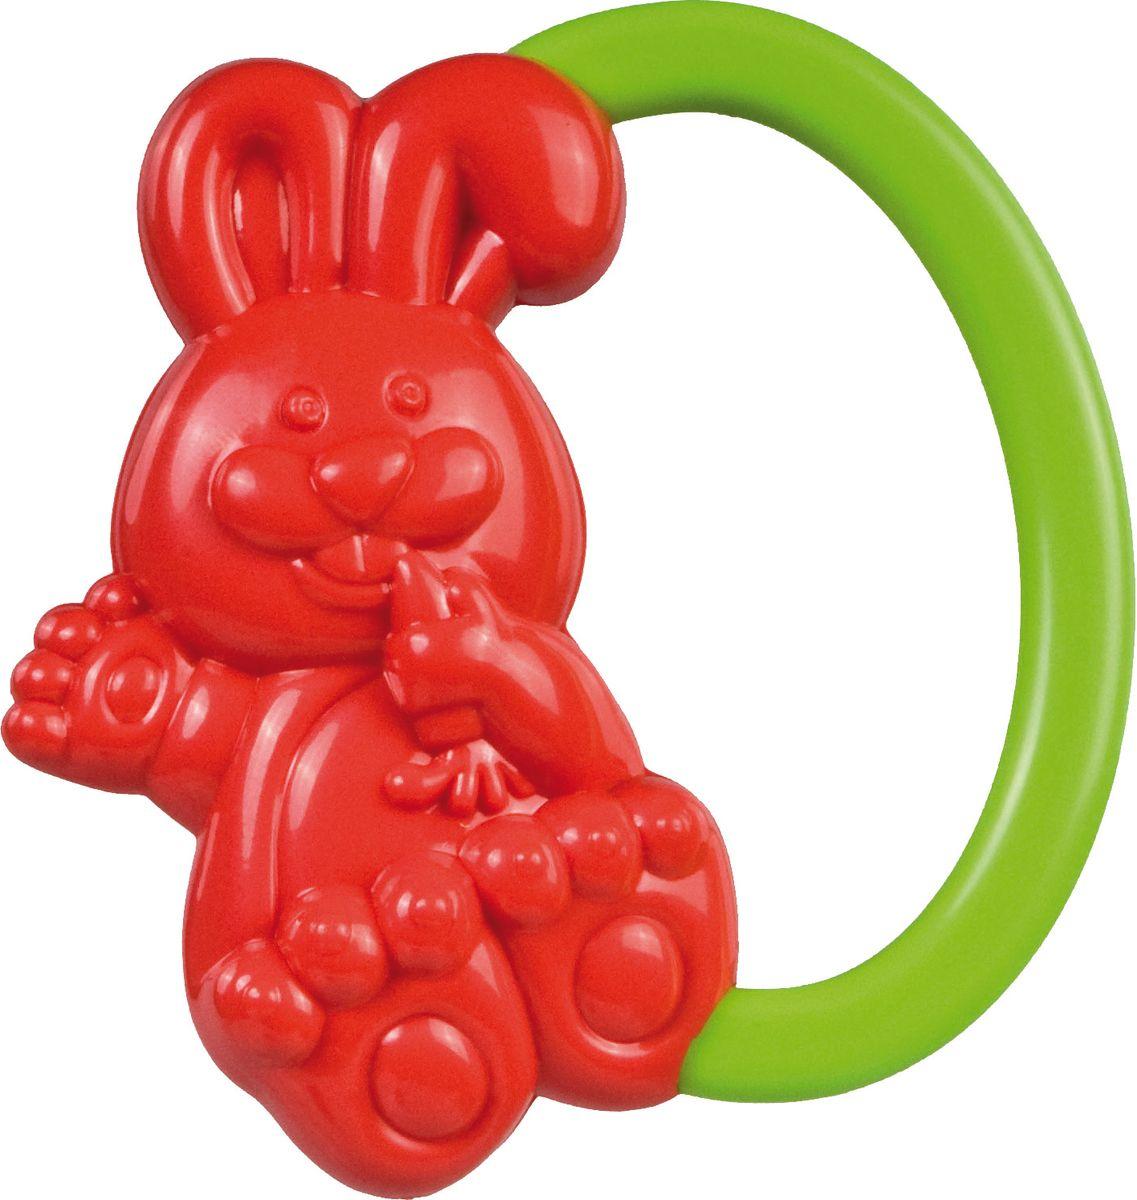 Canpol Babies Погремушка Кролик цвет красный стеллар погремушка дудочка стеллар